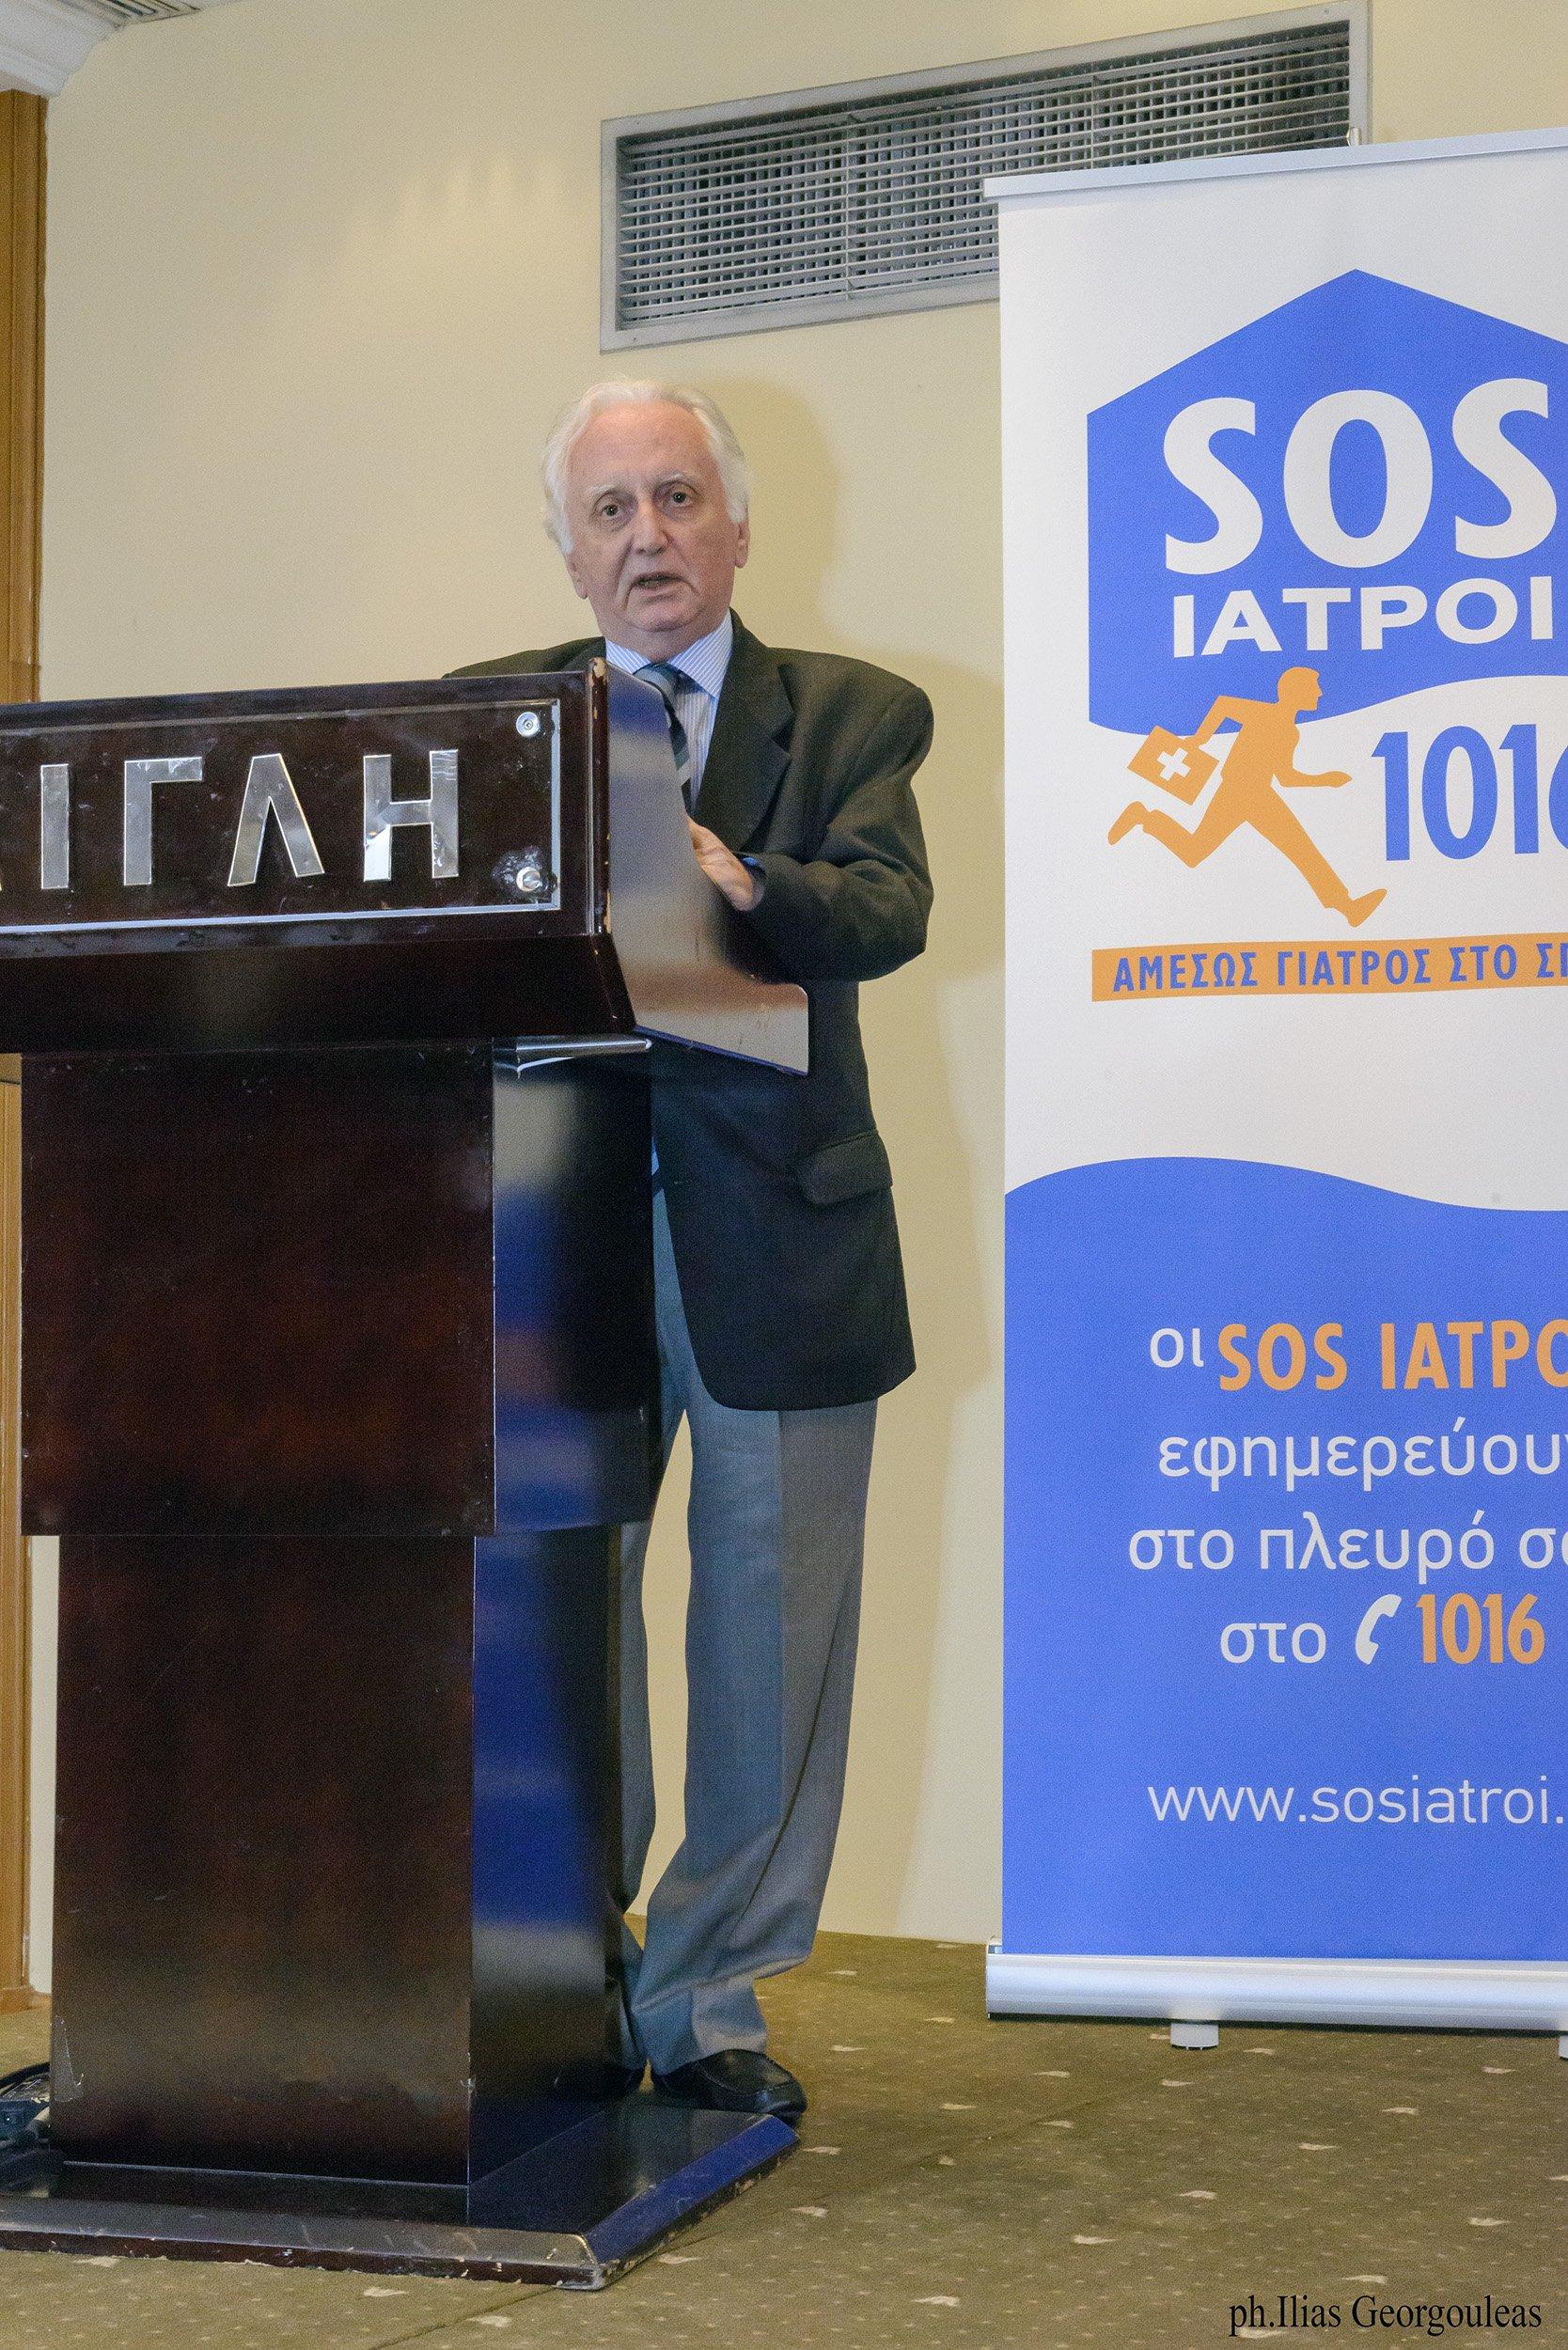 Ομιλία κου Θ.Μουντοκαλάκη, Καθηγητή Παθολογίας Πανεπιστημίου Αθηνών